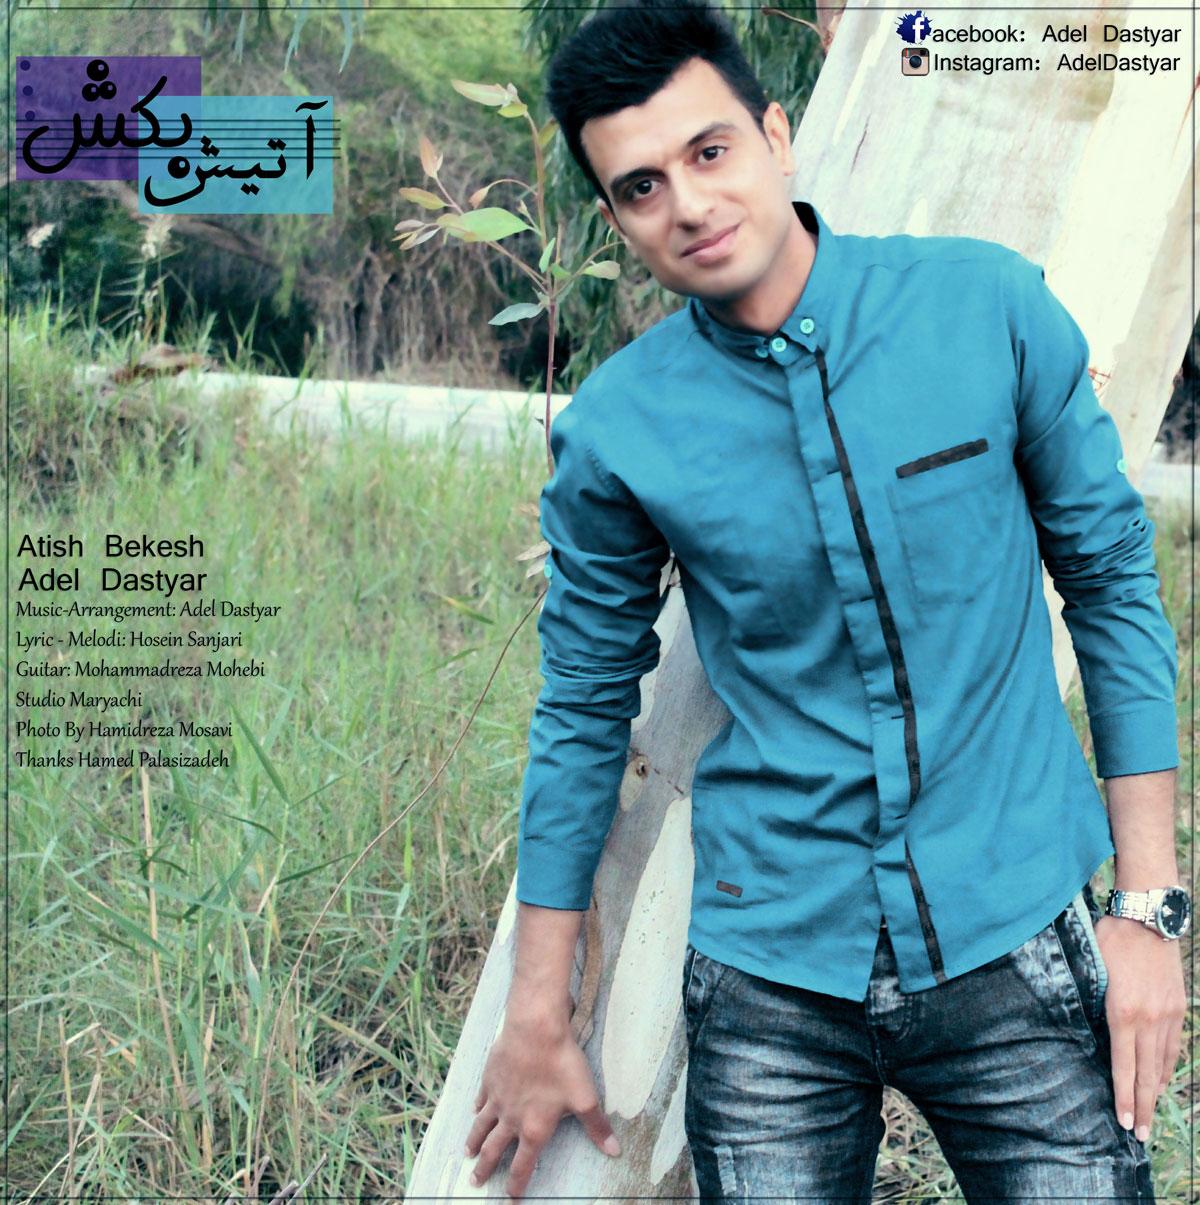 Adel Dastyar – Atish Bekesh